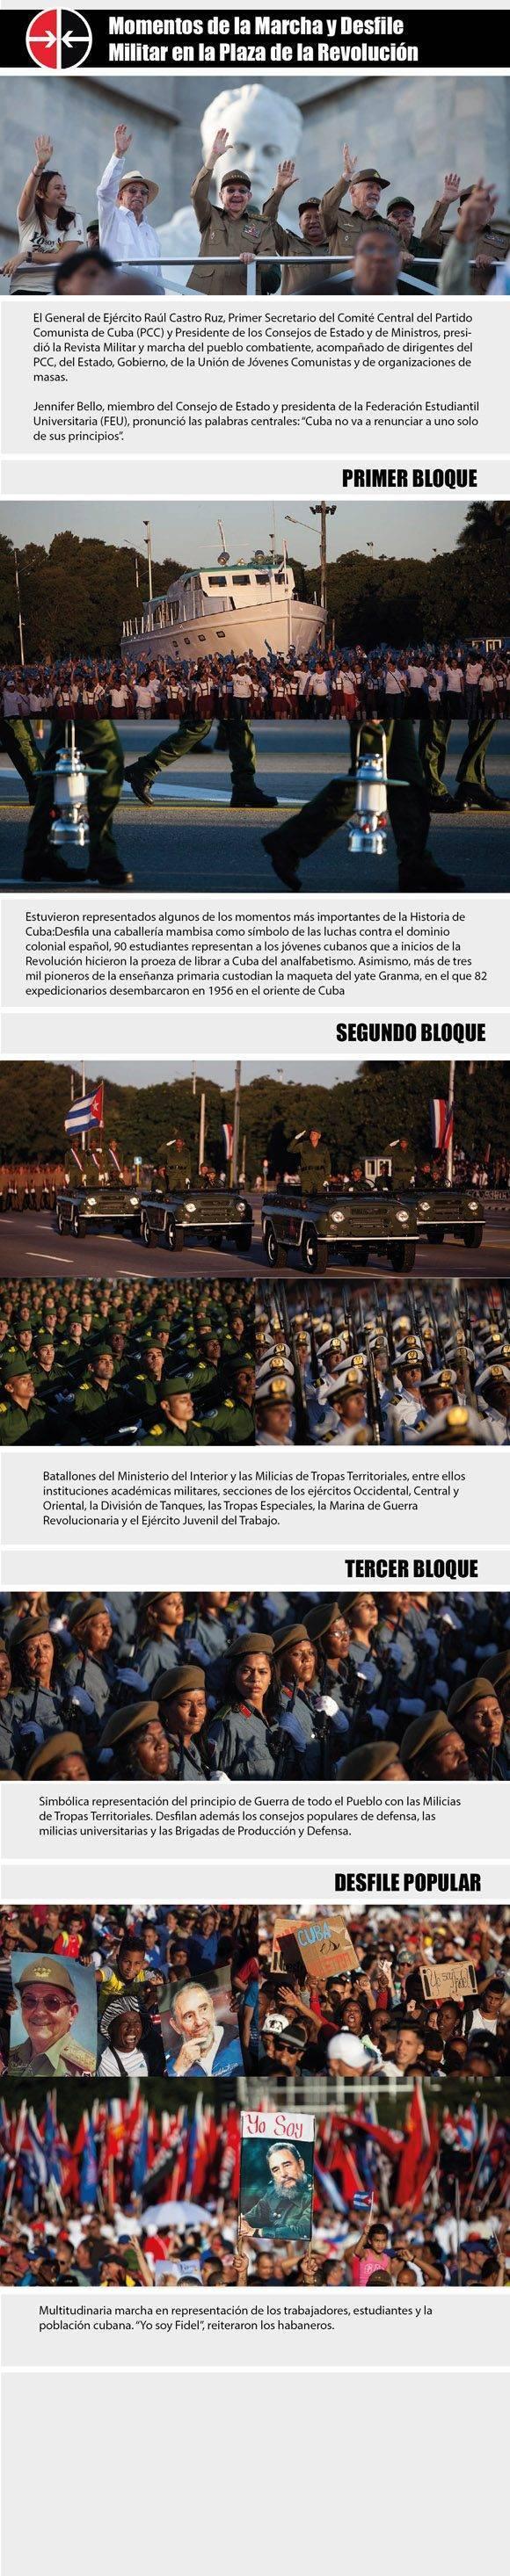 Infografía: Luis Amigo/ Cubadebate.